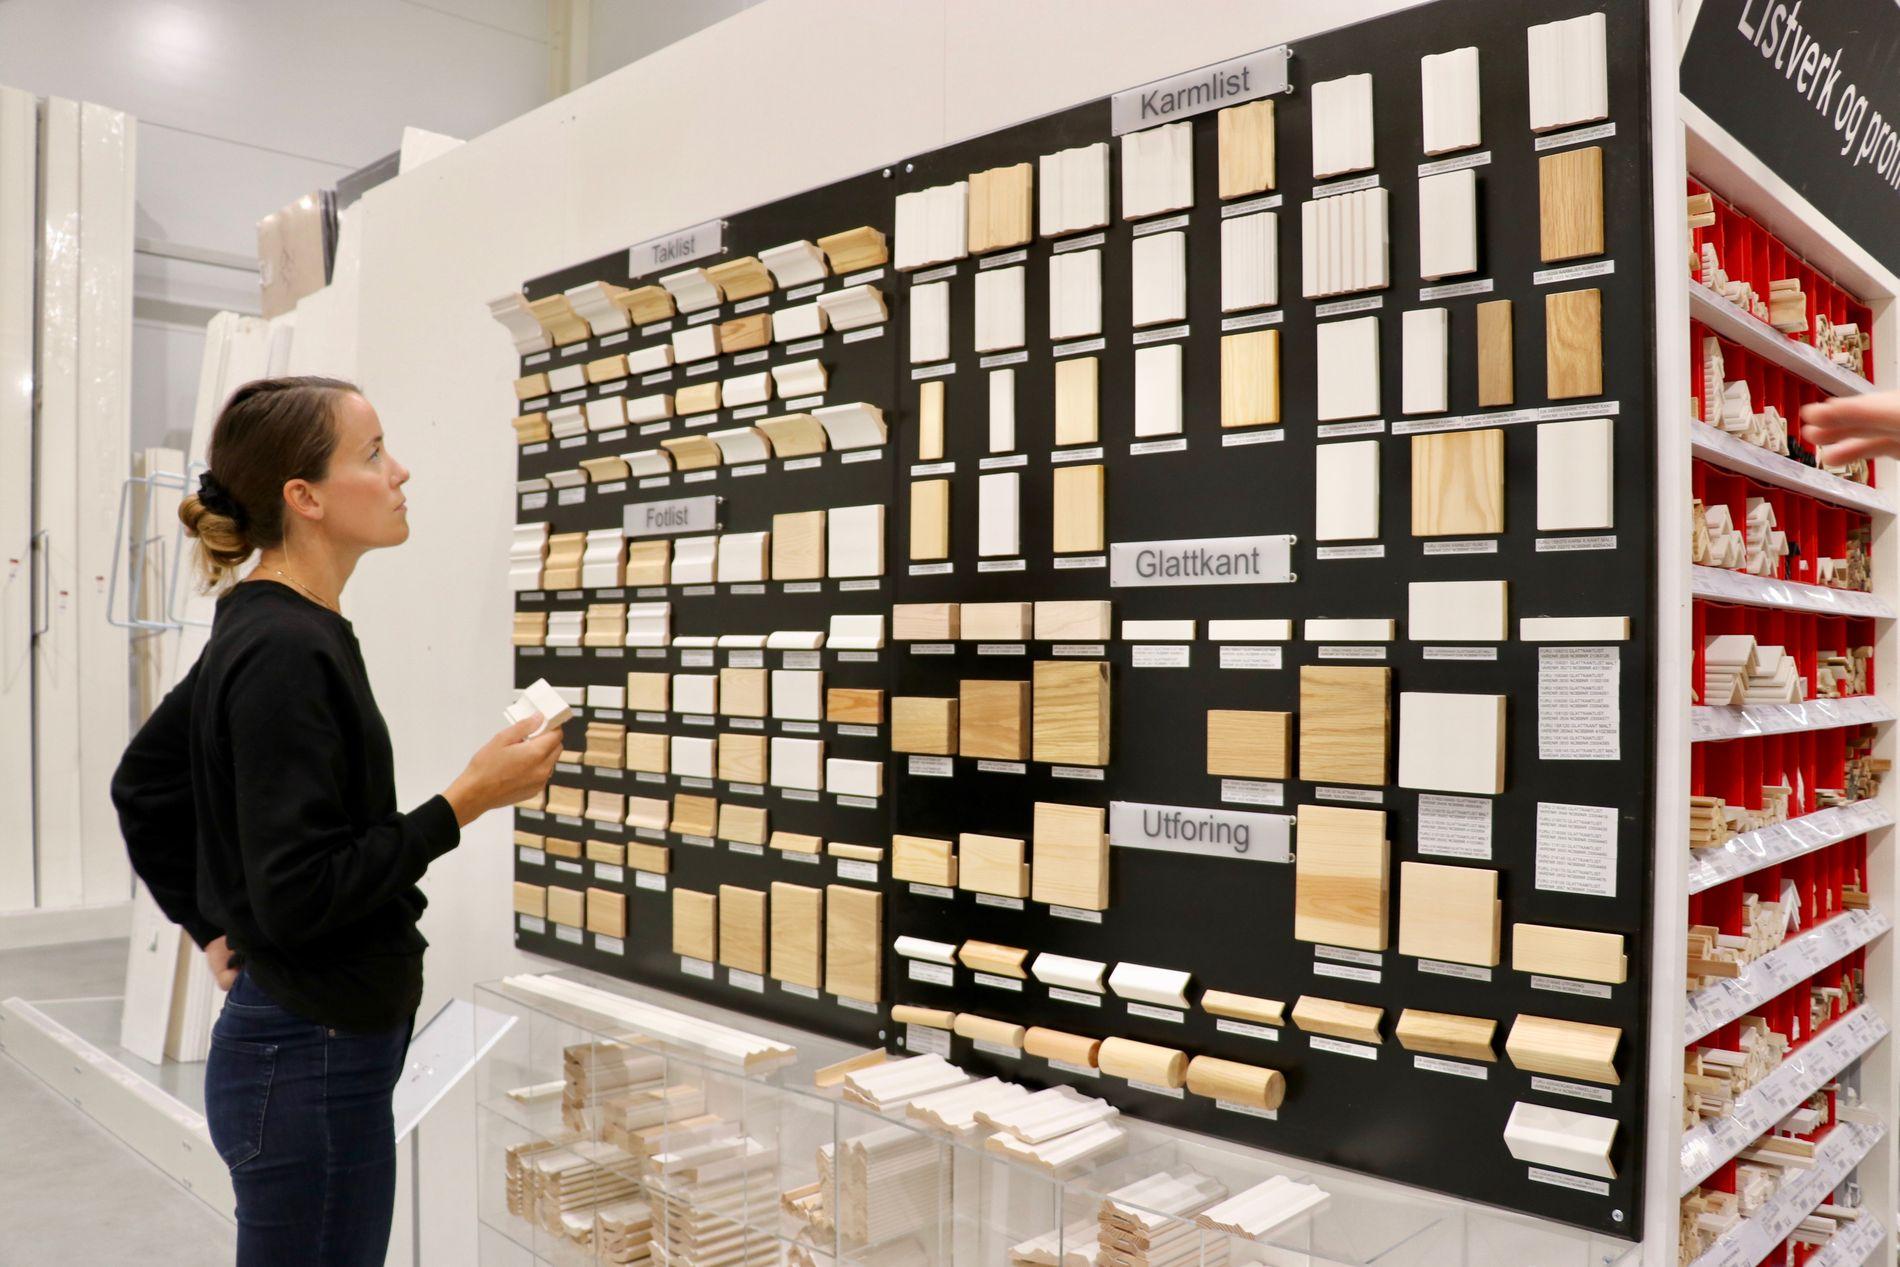 Kundene får god oversikt over hele sortimentet av lister og kan ta med seg vareprøver hjem for å teste hvilke som passer best.